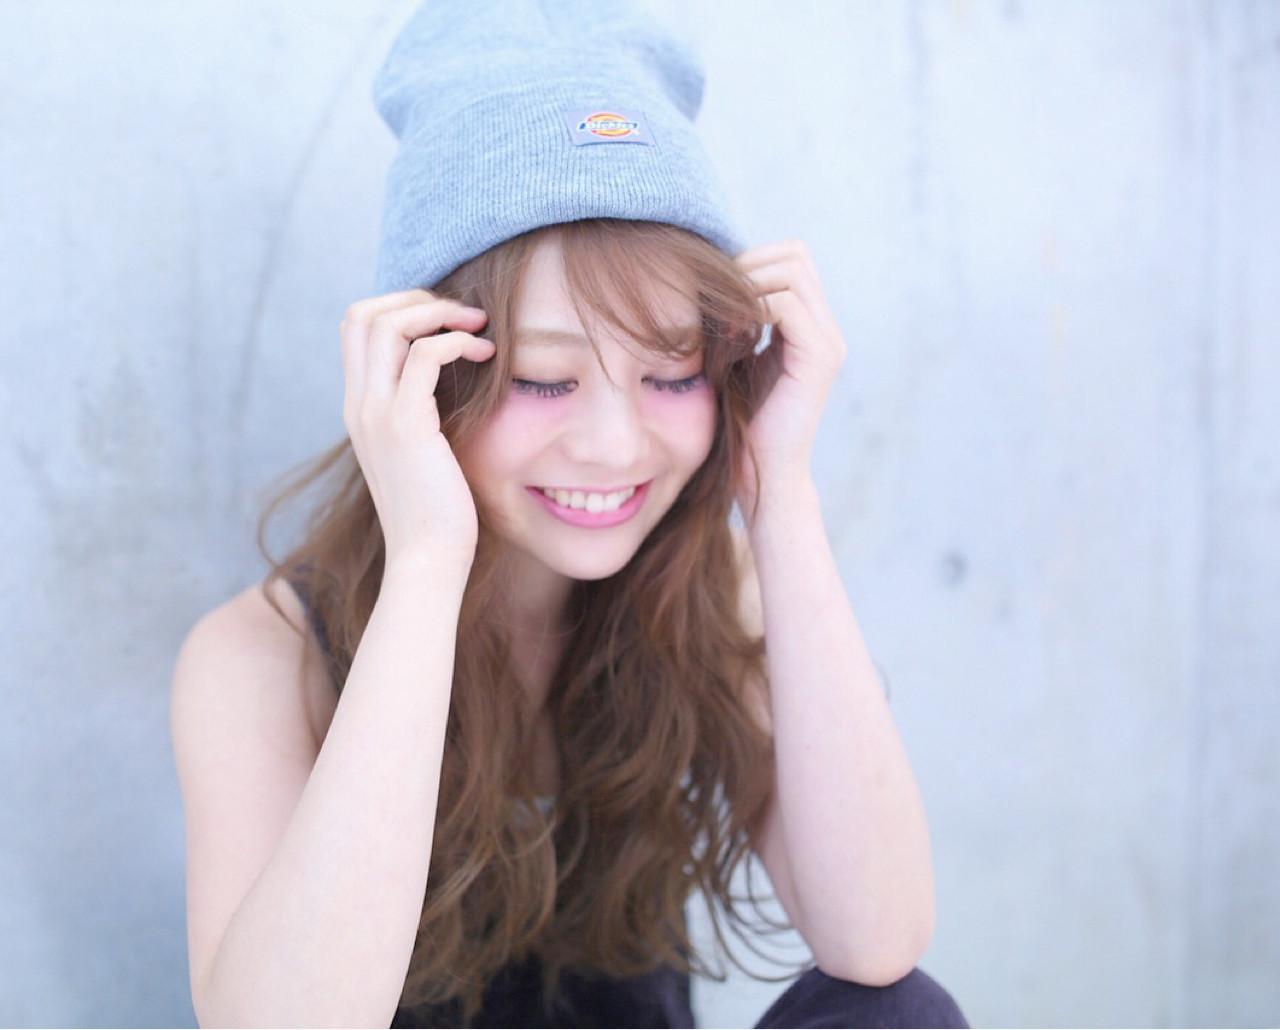 【ニット帽の髪型特集】おしゃれでかわいいヘアアレンジをマスター♡の6枚目の画像